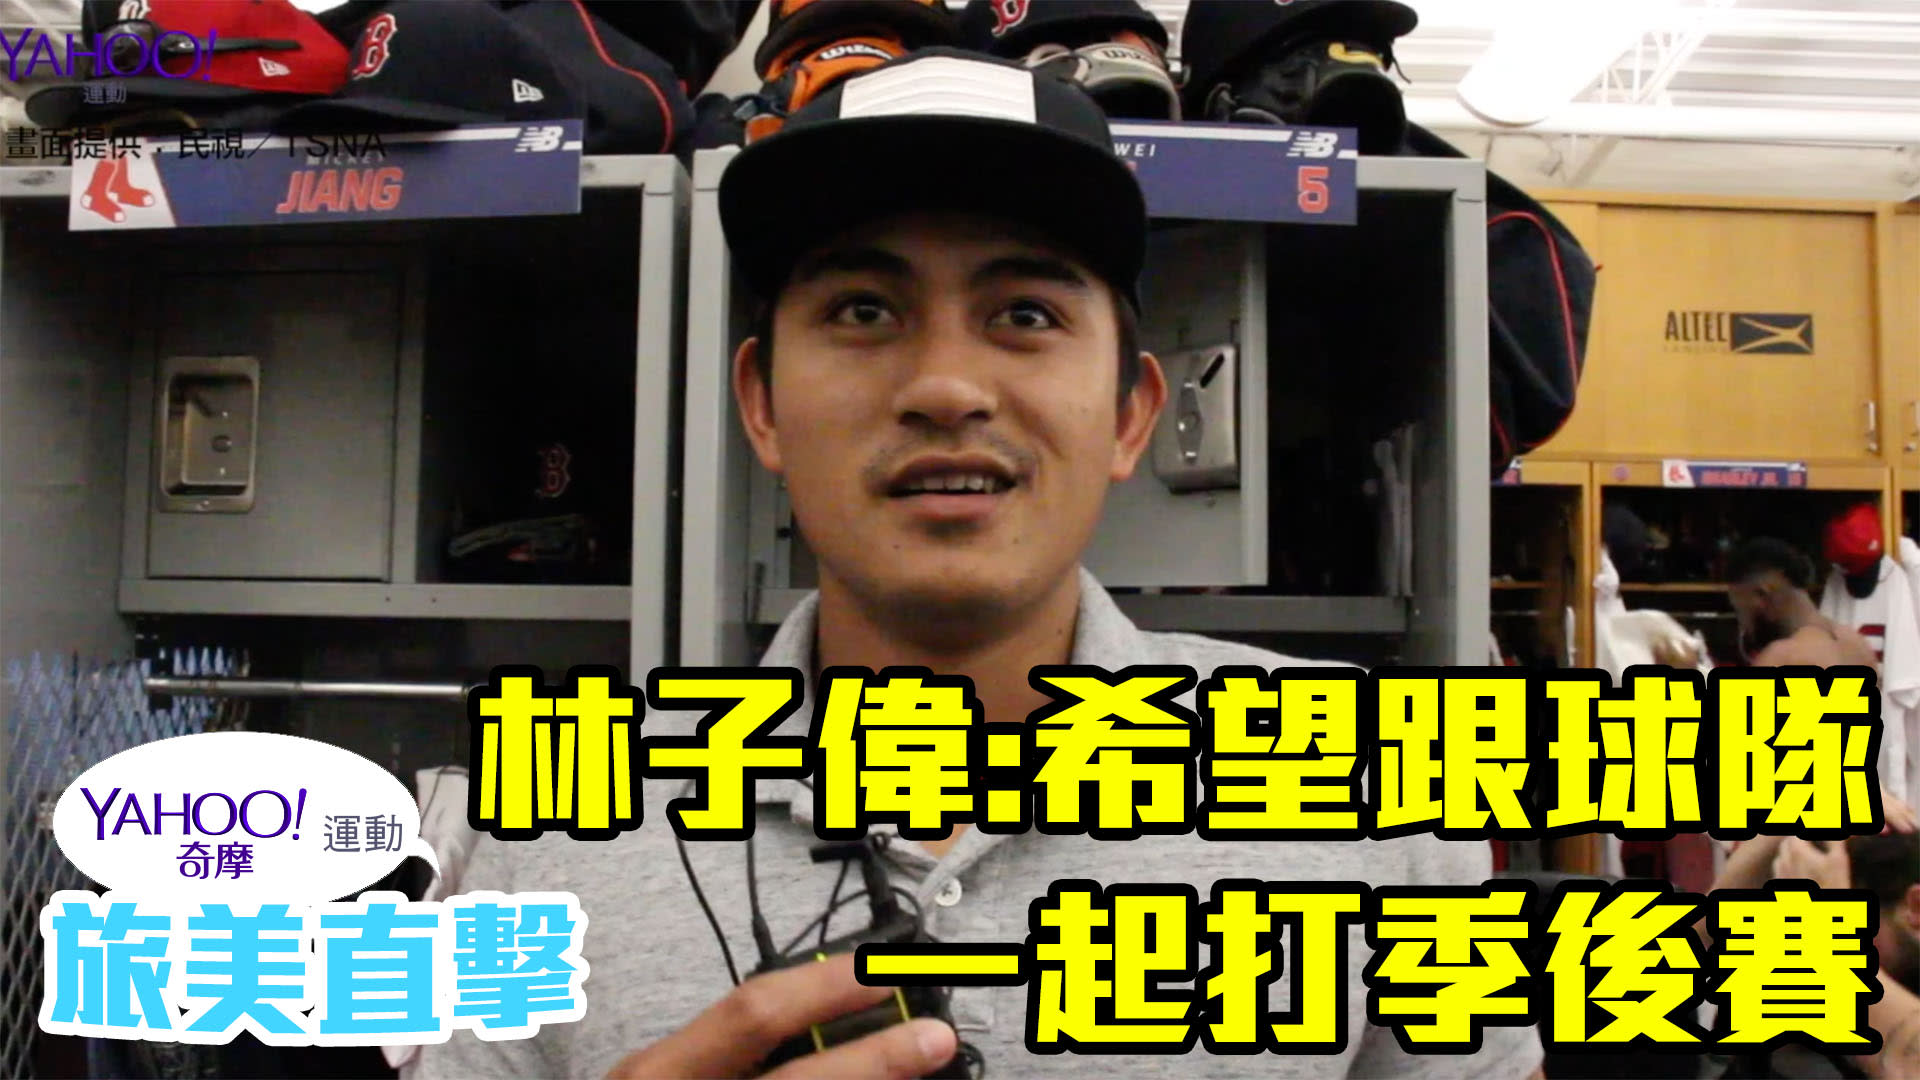 林子偉:希望跟球隊一起打季後賽